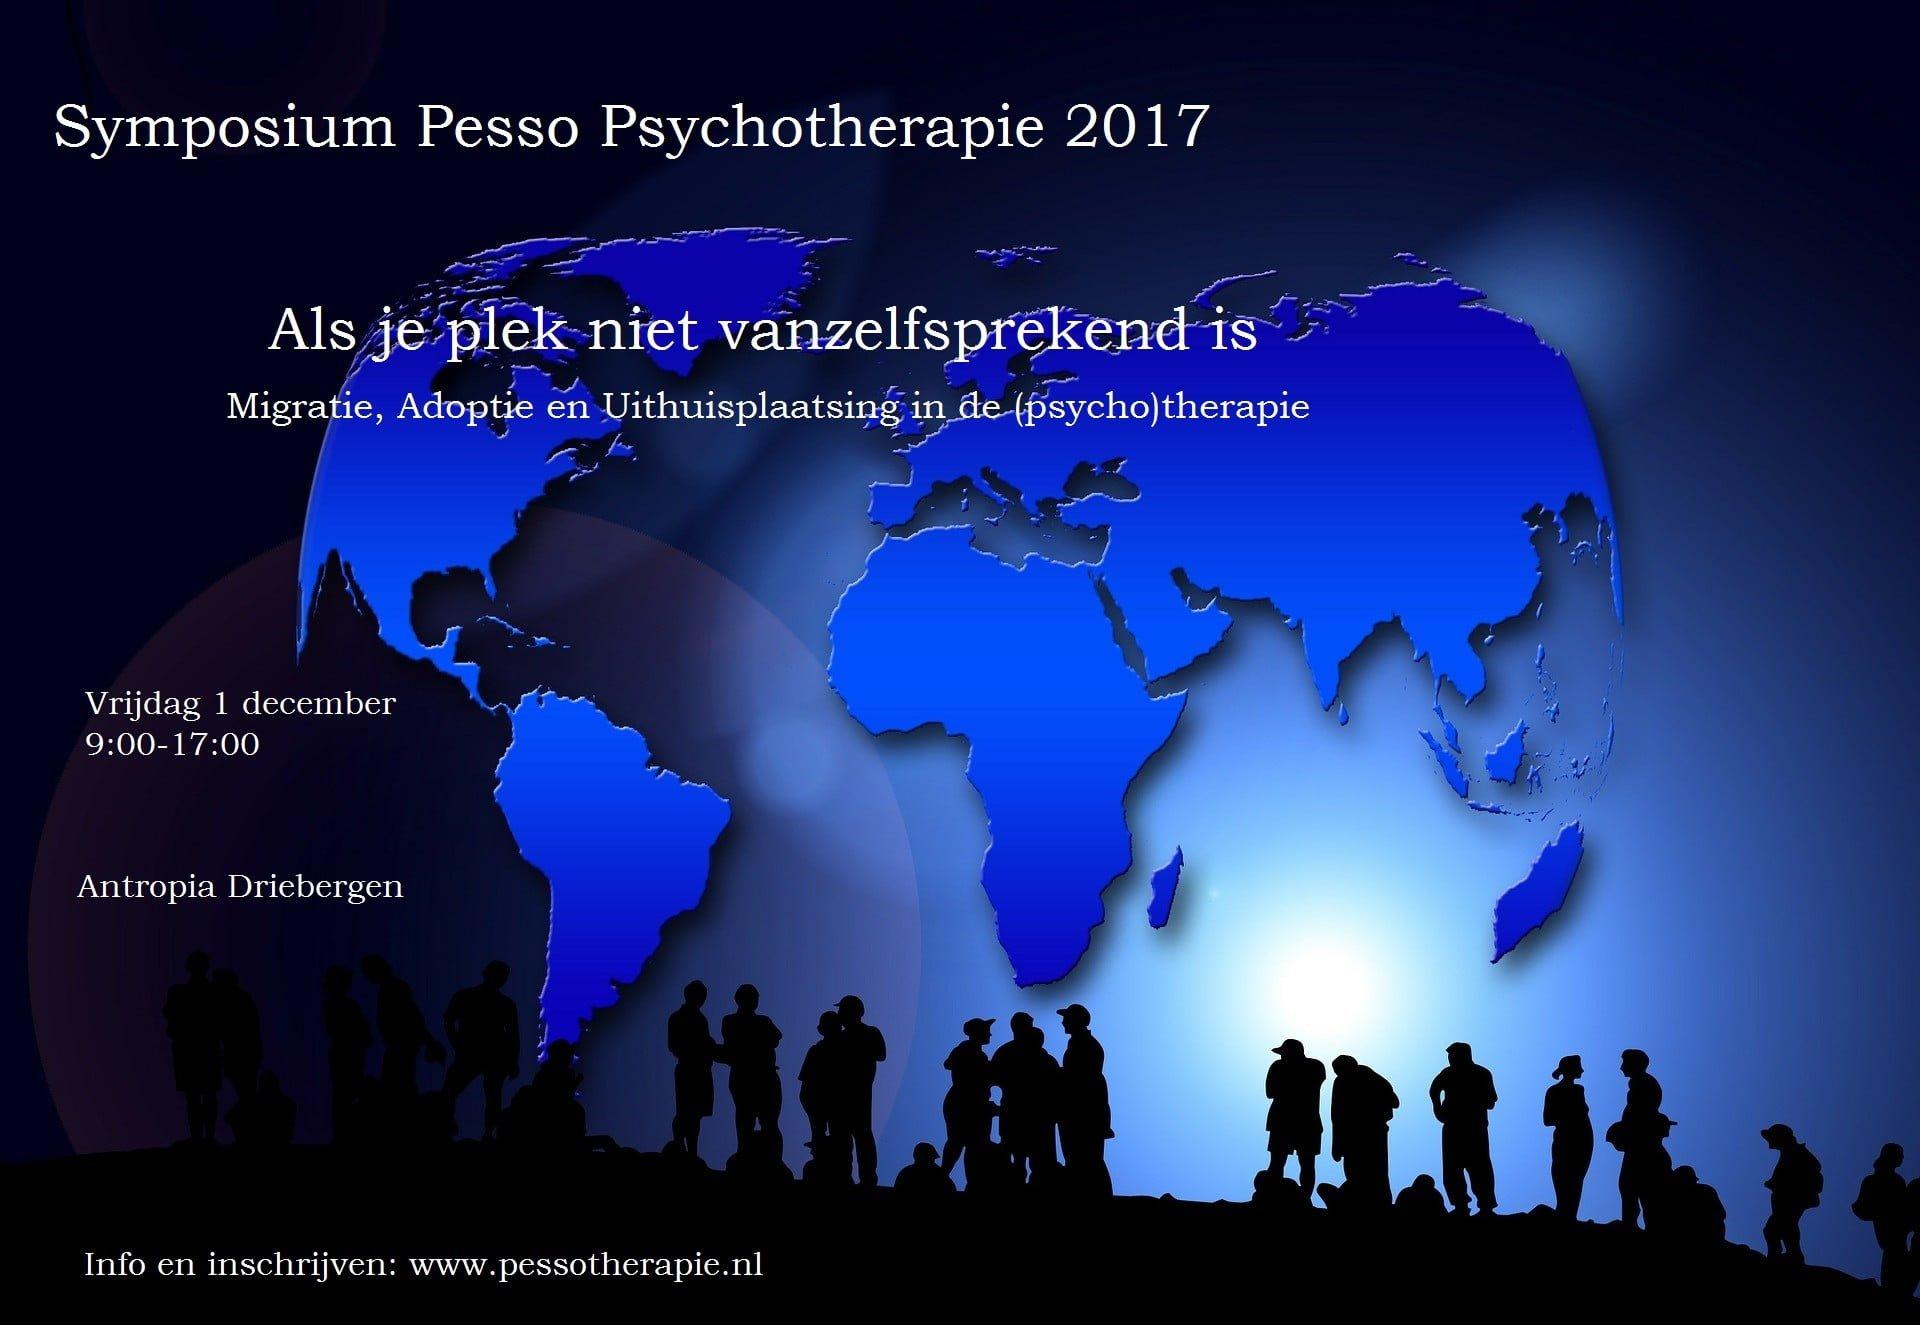 """Symposium 2017 """"Als je plek niet vanzelfsprekend is""""   Migratie, adoptie en uithuisplaatsing in de (psycho)therapie"""